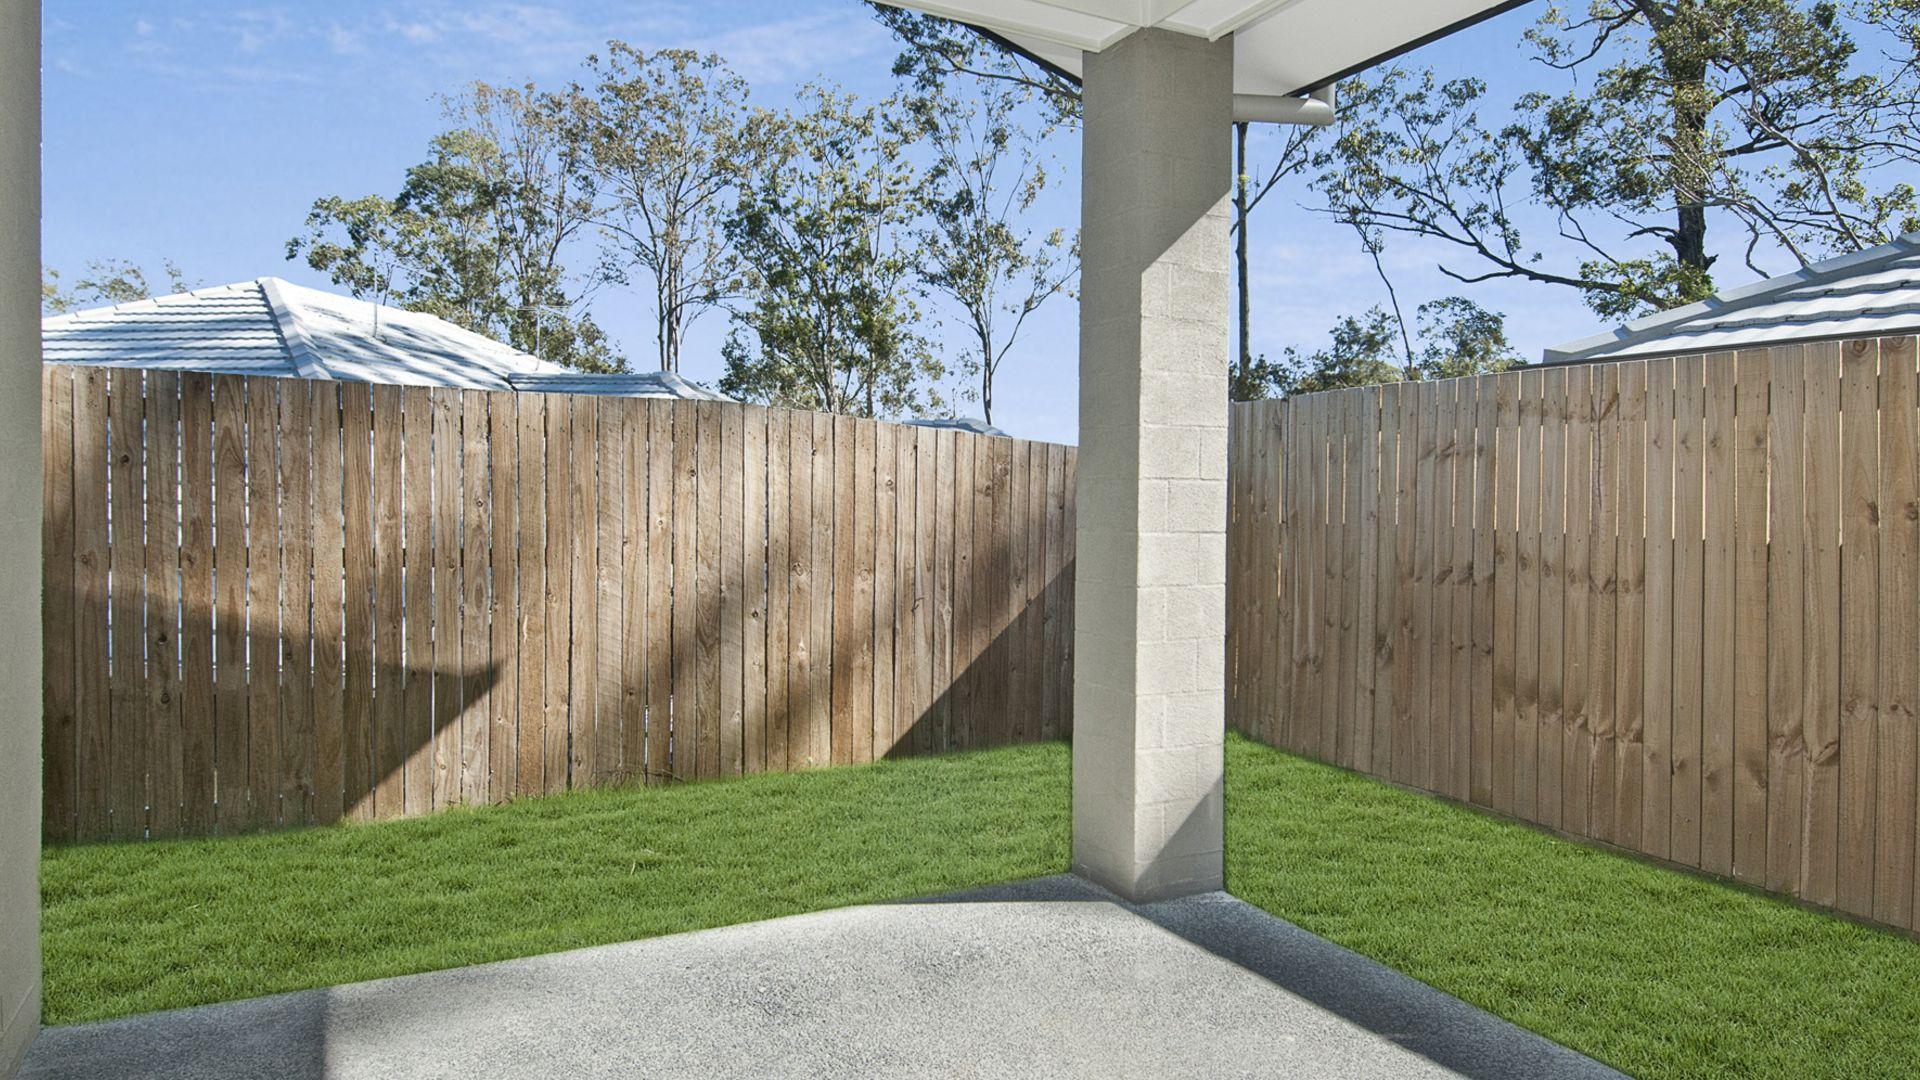 5 Rothbury Terrace, Pimpama QLD 4209, Image 7